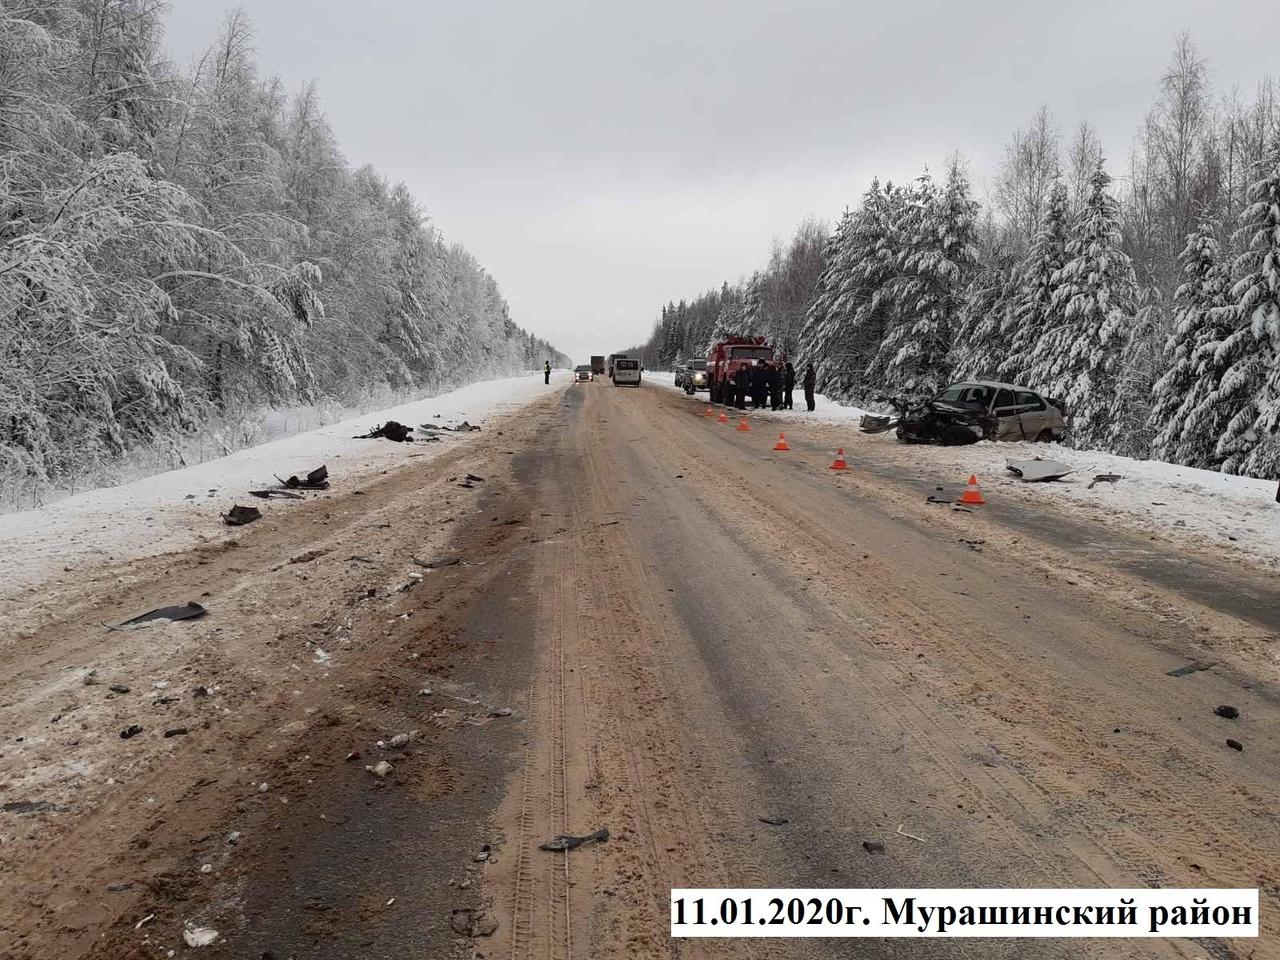 В Мурашинском районе столкнулись четыре автомобиля: есть пострадавшие